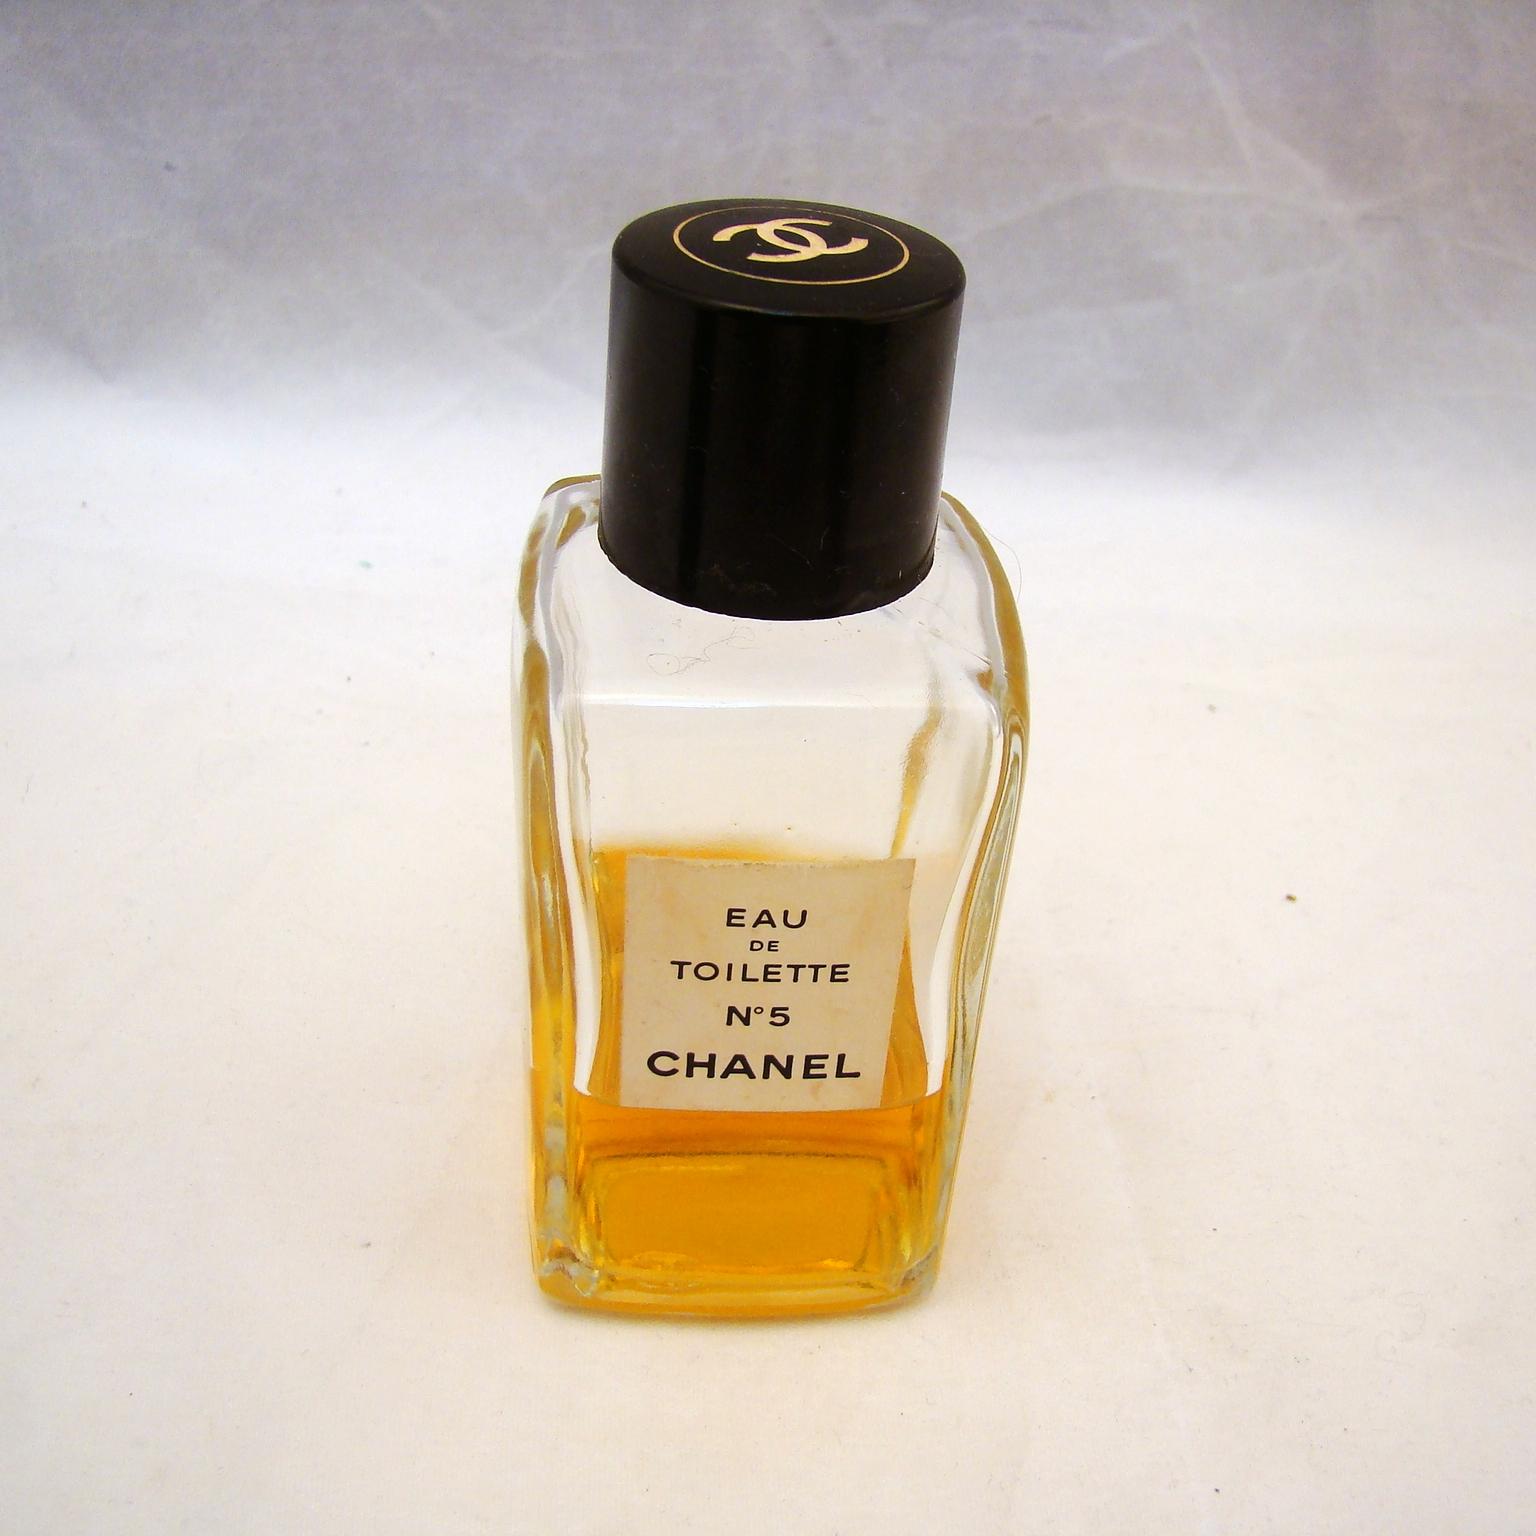 c55a505012 Details about Chanel NO. 5 Eau de Toilette Splash ABOUT 2 oz ABOUT 35%  FULL, VINTAGE